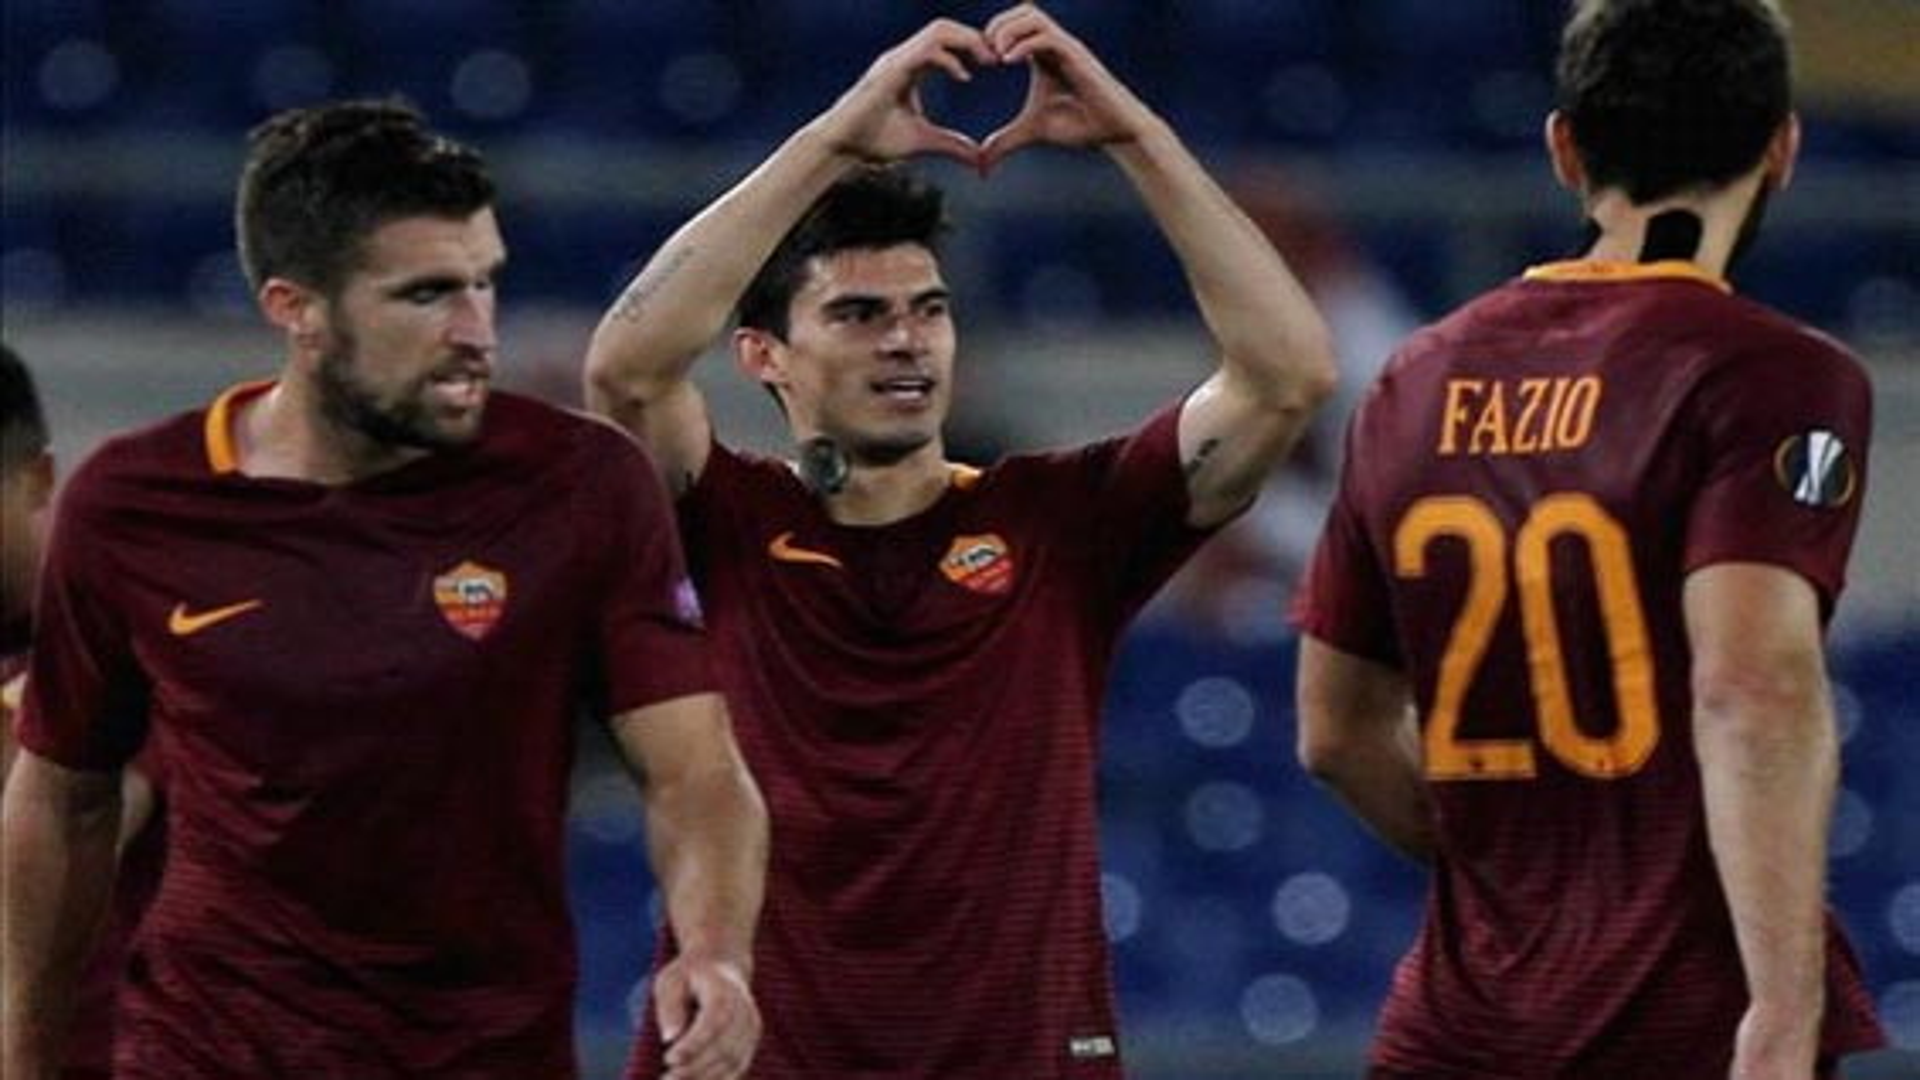 زیباترین گلهای فوتبال این هفته باشگاههای اروپا | فیلم